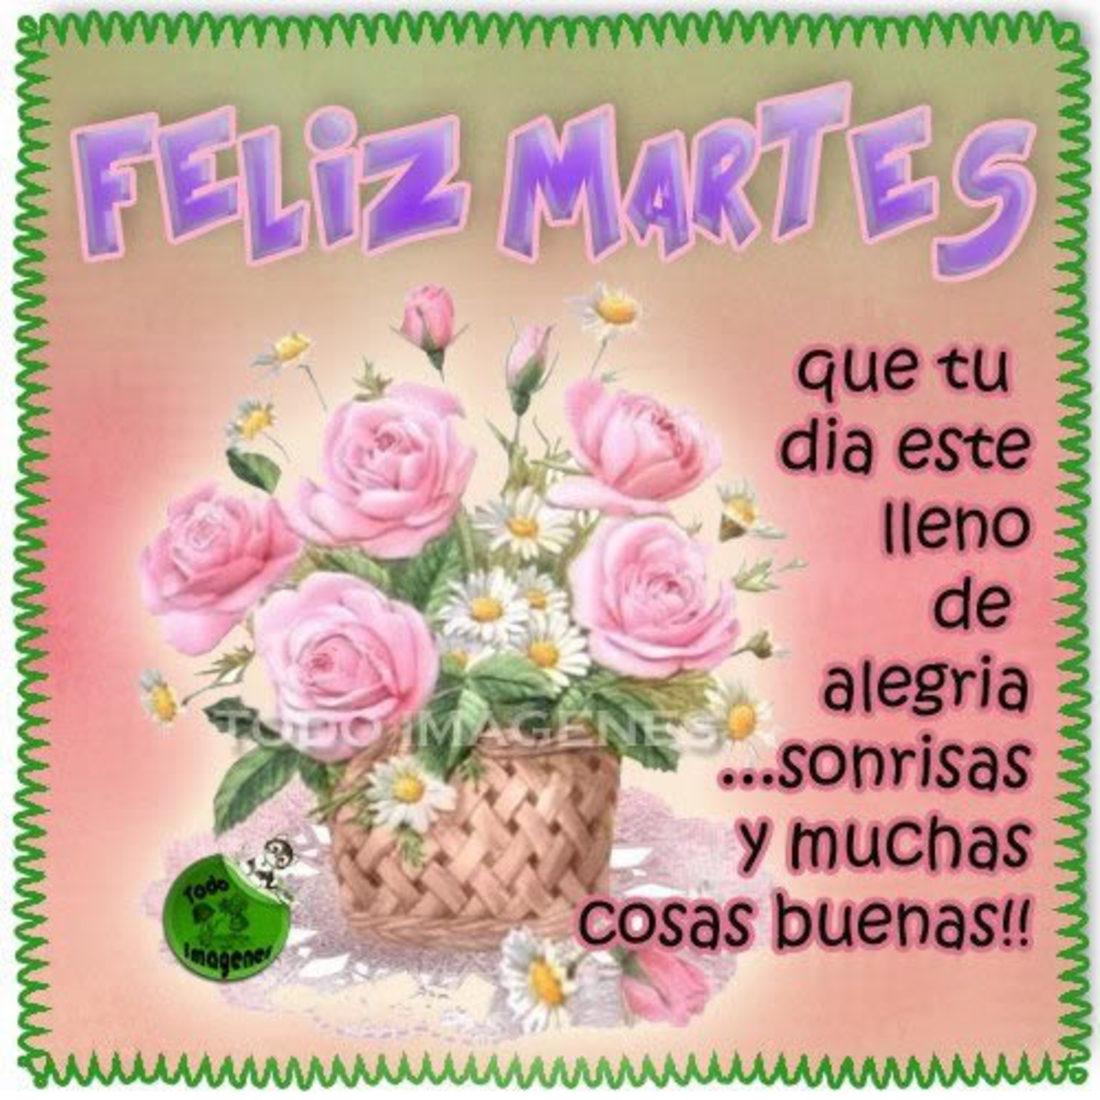 Feliz martes que tu día este lleno de alegria...sonrisas y muchas cosas buenas